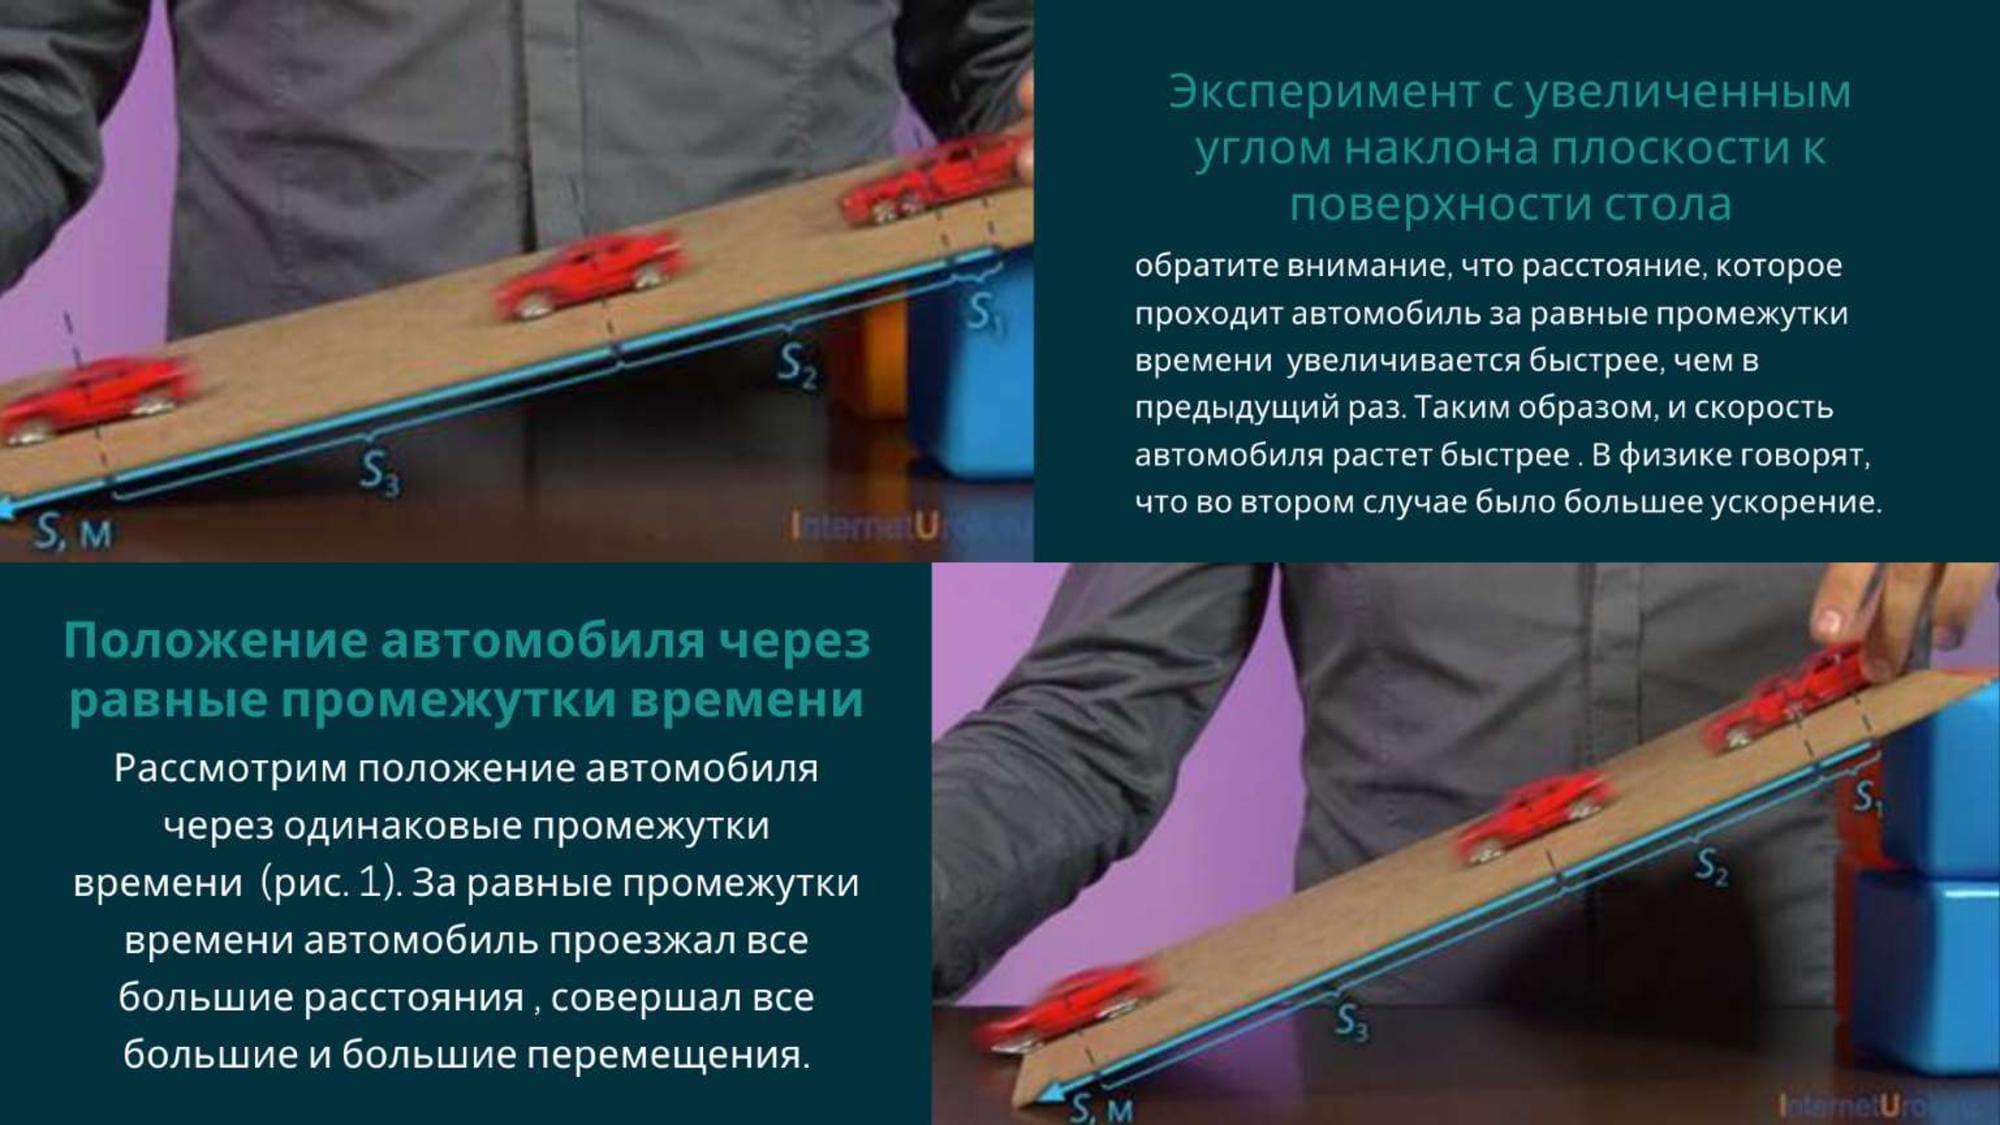 Эксперимент с увеличенным углом наклона плоскости к поверхности стола